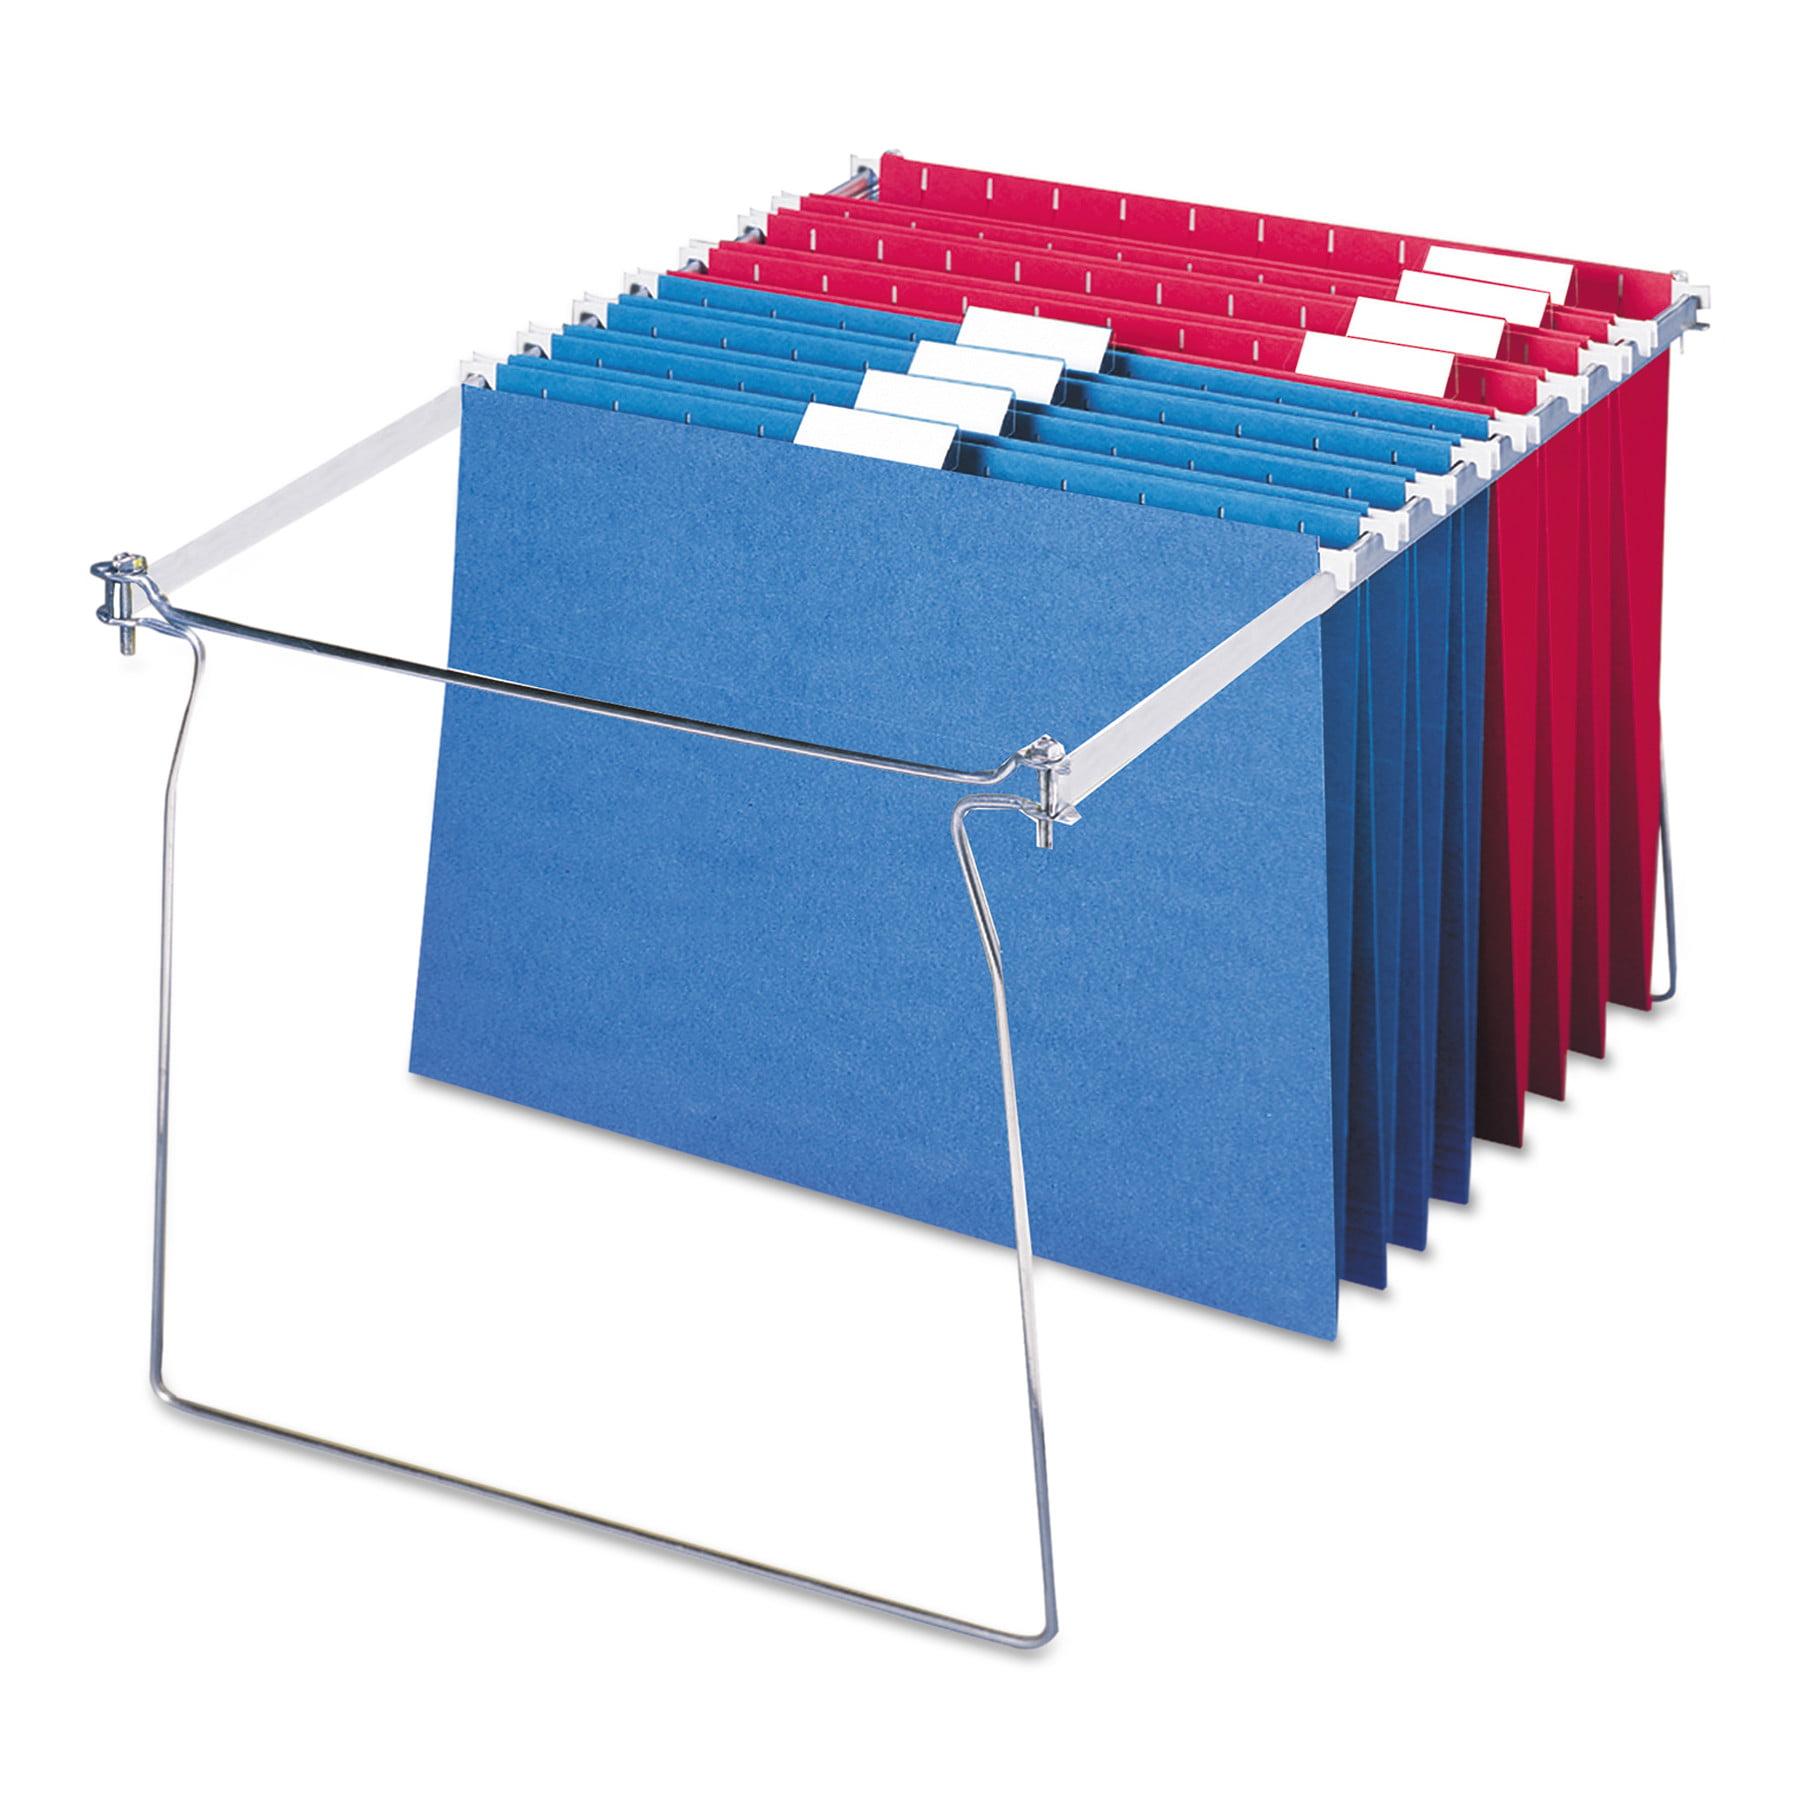 Smead Hanging File Frame, Letter Size, 2 Pack (64872) - Walmart.com